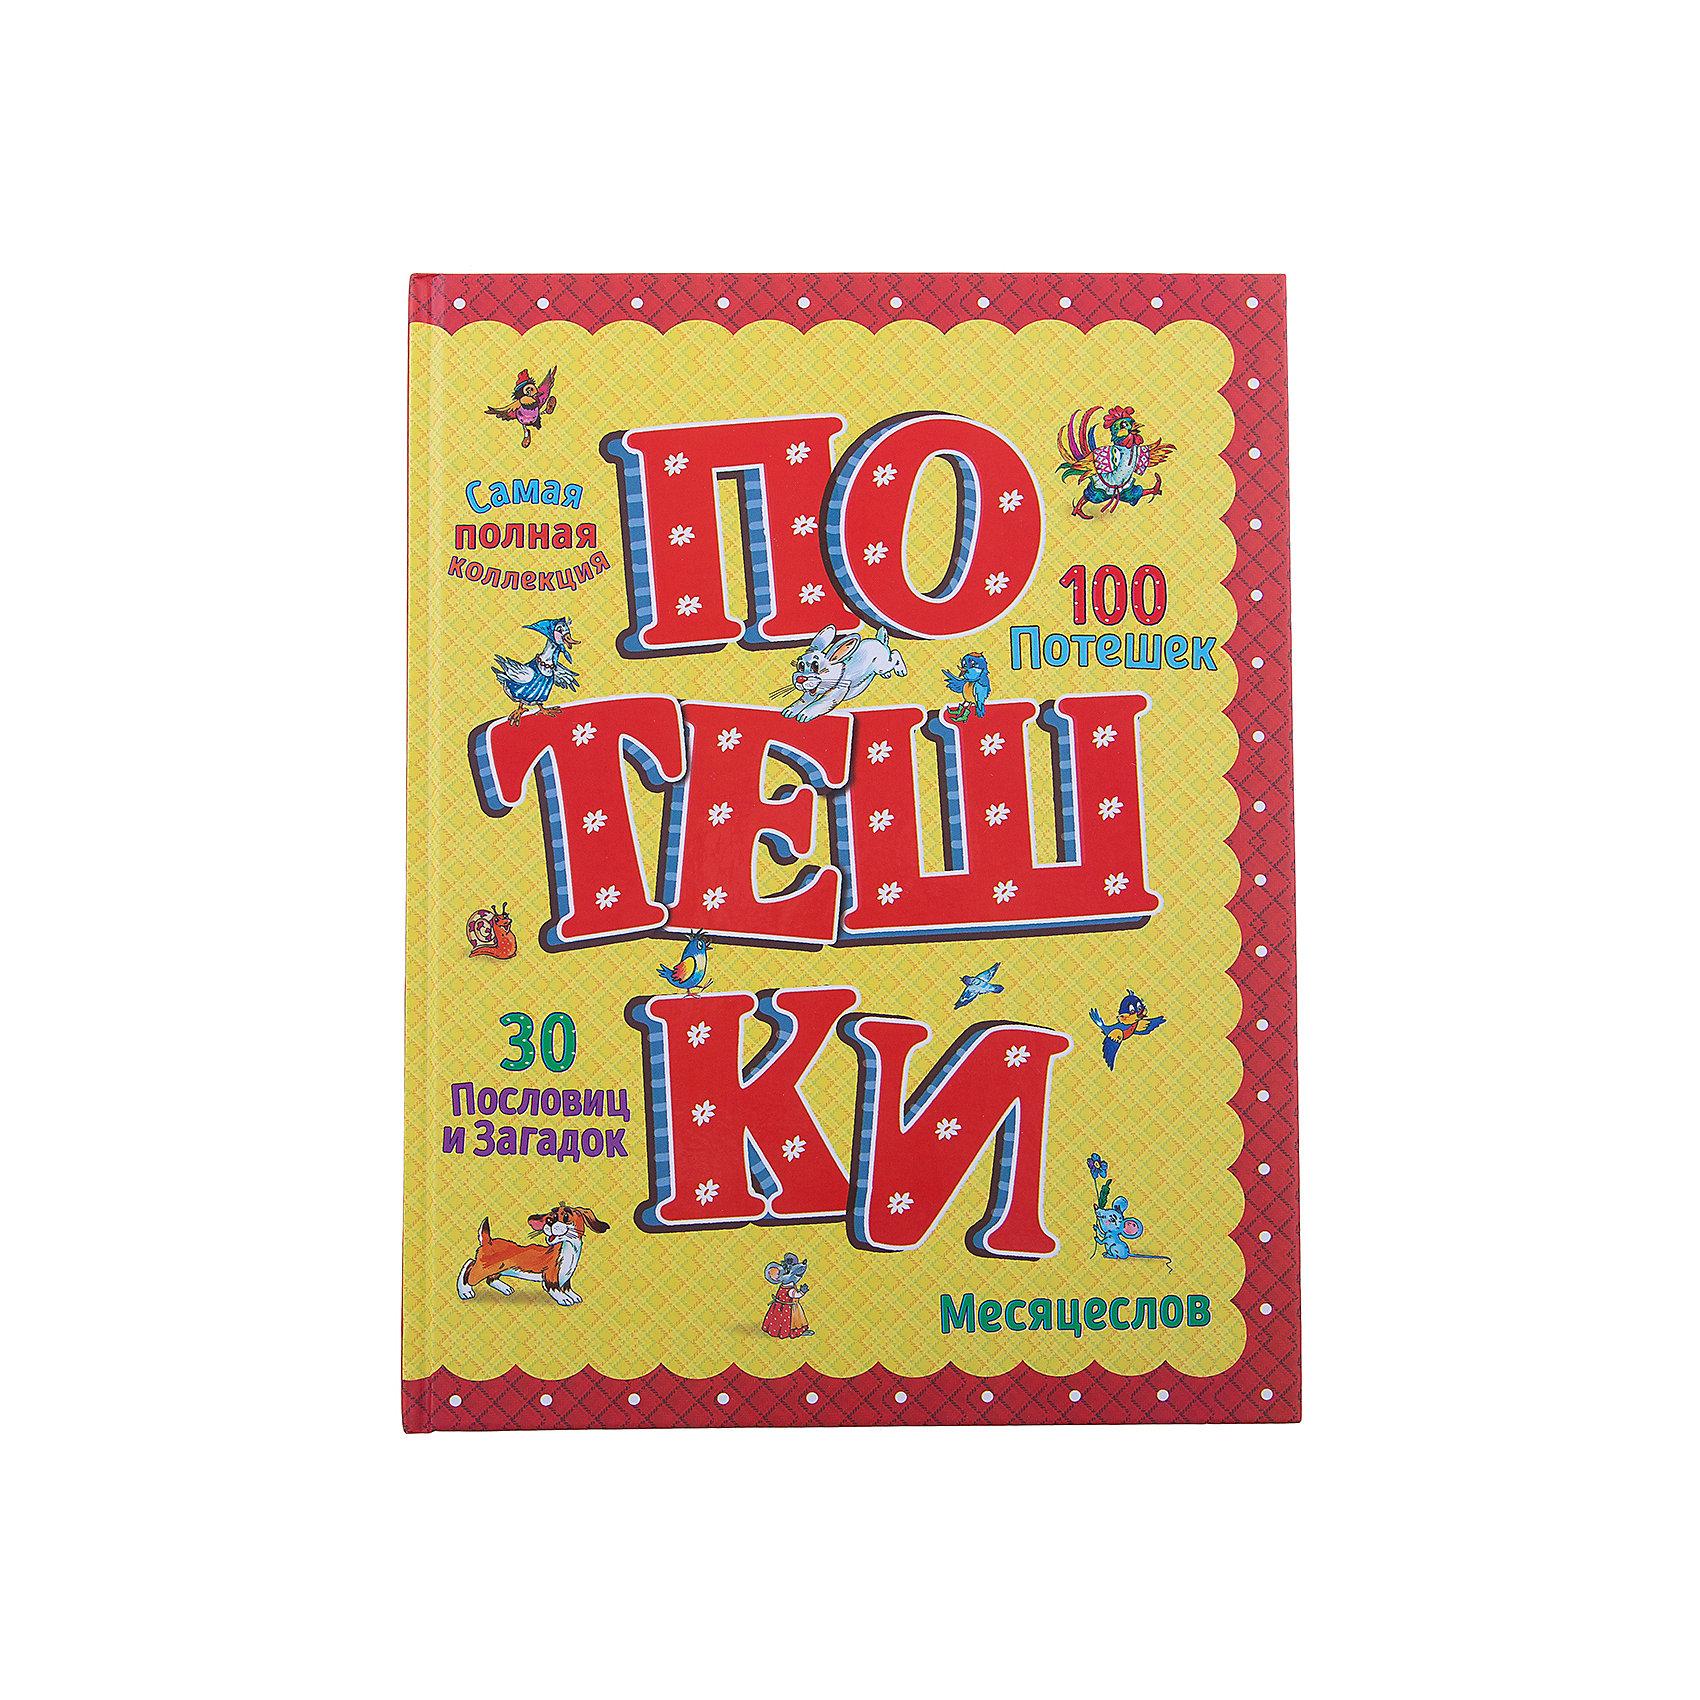 Потешки, ил. А. КардашукаПотешки, скороговорки, загадки<br>Характеристики товара: <br><br>• ISBN: 9785699798483<br>• возраст от: 0 лет<br>• формат: 84x108/16<br>• бумага: офсет<br>• обложка: твердая<br>• иллюстрации: цветные<br>• серия: Золотые сказки для детей<br>• издательство: Эксмо<br>• художник: Кардашук Александр Викторович<br>• количество страниц: 64<br>• размеры: 26x20 см<br><br>Созданное многими поколениями культурное наследие для самых маленьких собрано в этом издании. В книге «Потешки» есть не только они - здесь найдутся прибаутки, колыбельные, пословицы, поговорки, говорушки, пестушки, загадки, песенки, небылицы, заклички, считалки и месяцеслов.<br><br>Отличное качество издания, красочные иллюстрации известного художника - всё это поможет ребенку узнавать новые слова и развиваться.<br><br>Книгу «Потешки (ил. А. Кардашука)» можно купить в нашем интернет-магазине.<br><br>Ширина мм: 255<br>Глубина мм: 197<br>Высота мм: 110<br>Вес г: 448<br>Возраст от месяцев: -2147483648<br>Возраст до месяцев: 2147483647<br>Пол: Унисекс<br>Возраст: Детский<br>SKU: 5535370